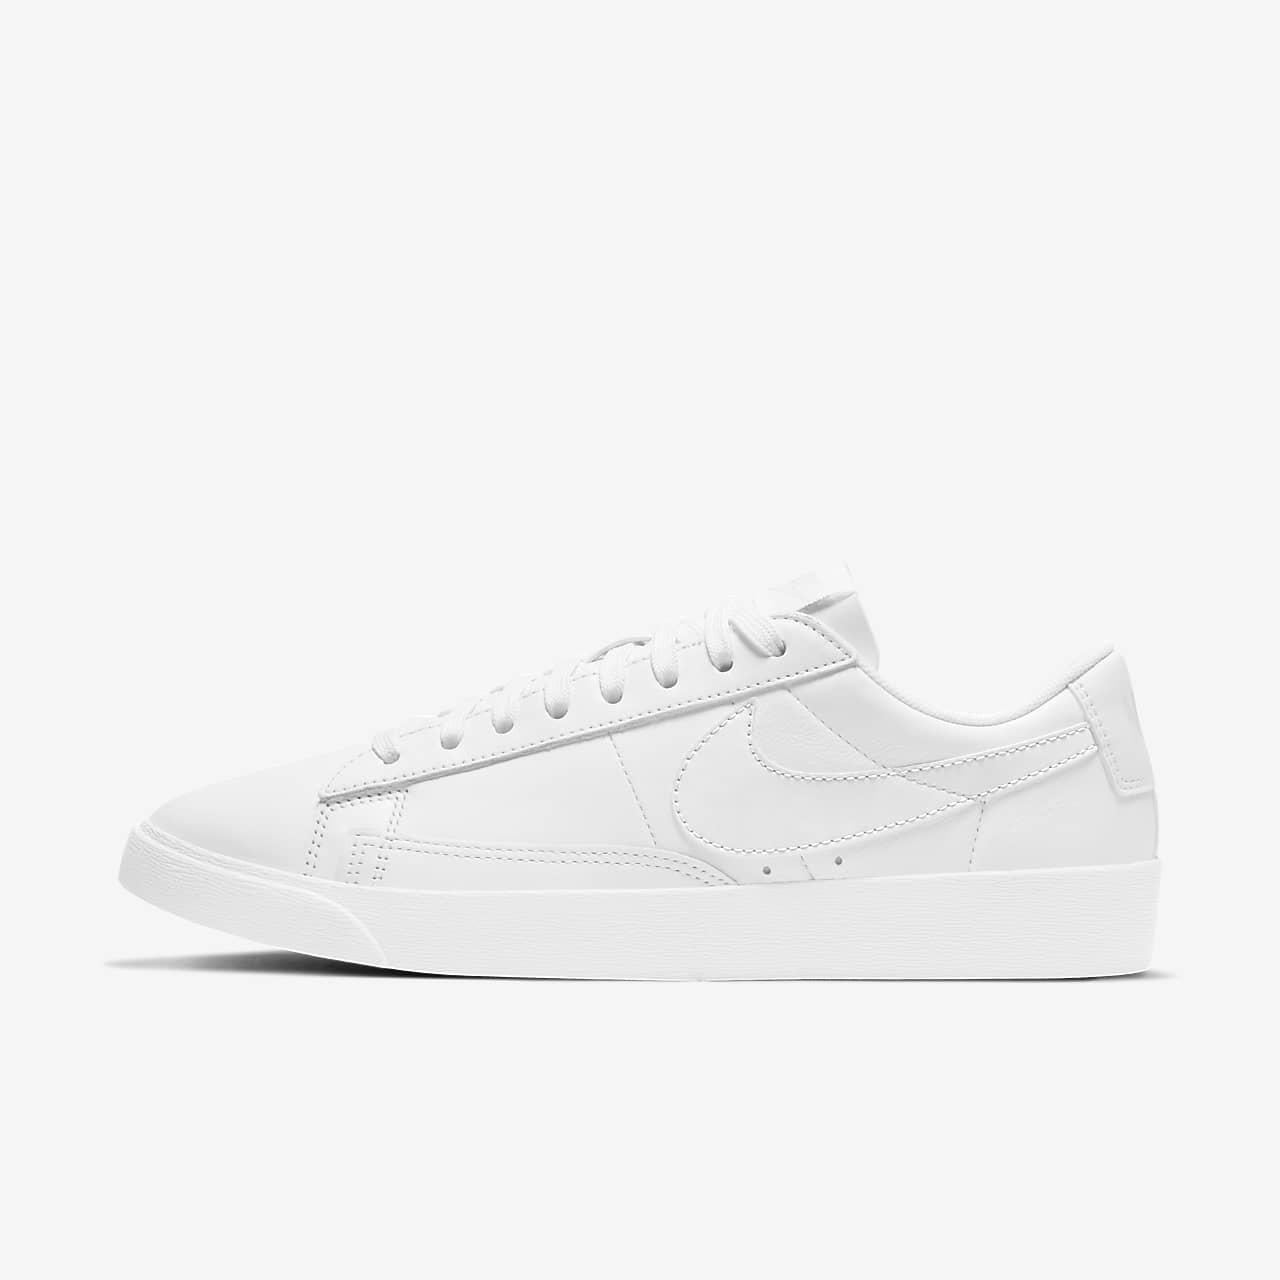 Γυναικείο παπούτσι Nike Blazer Low LE